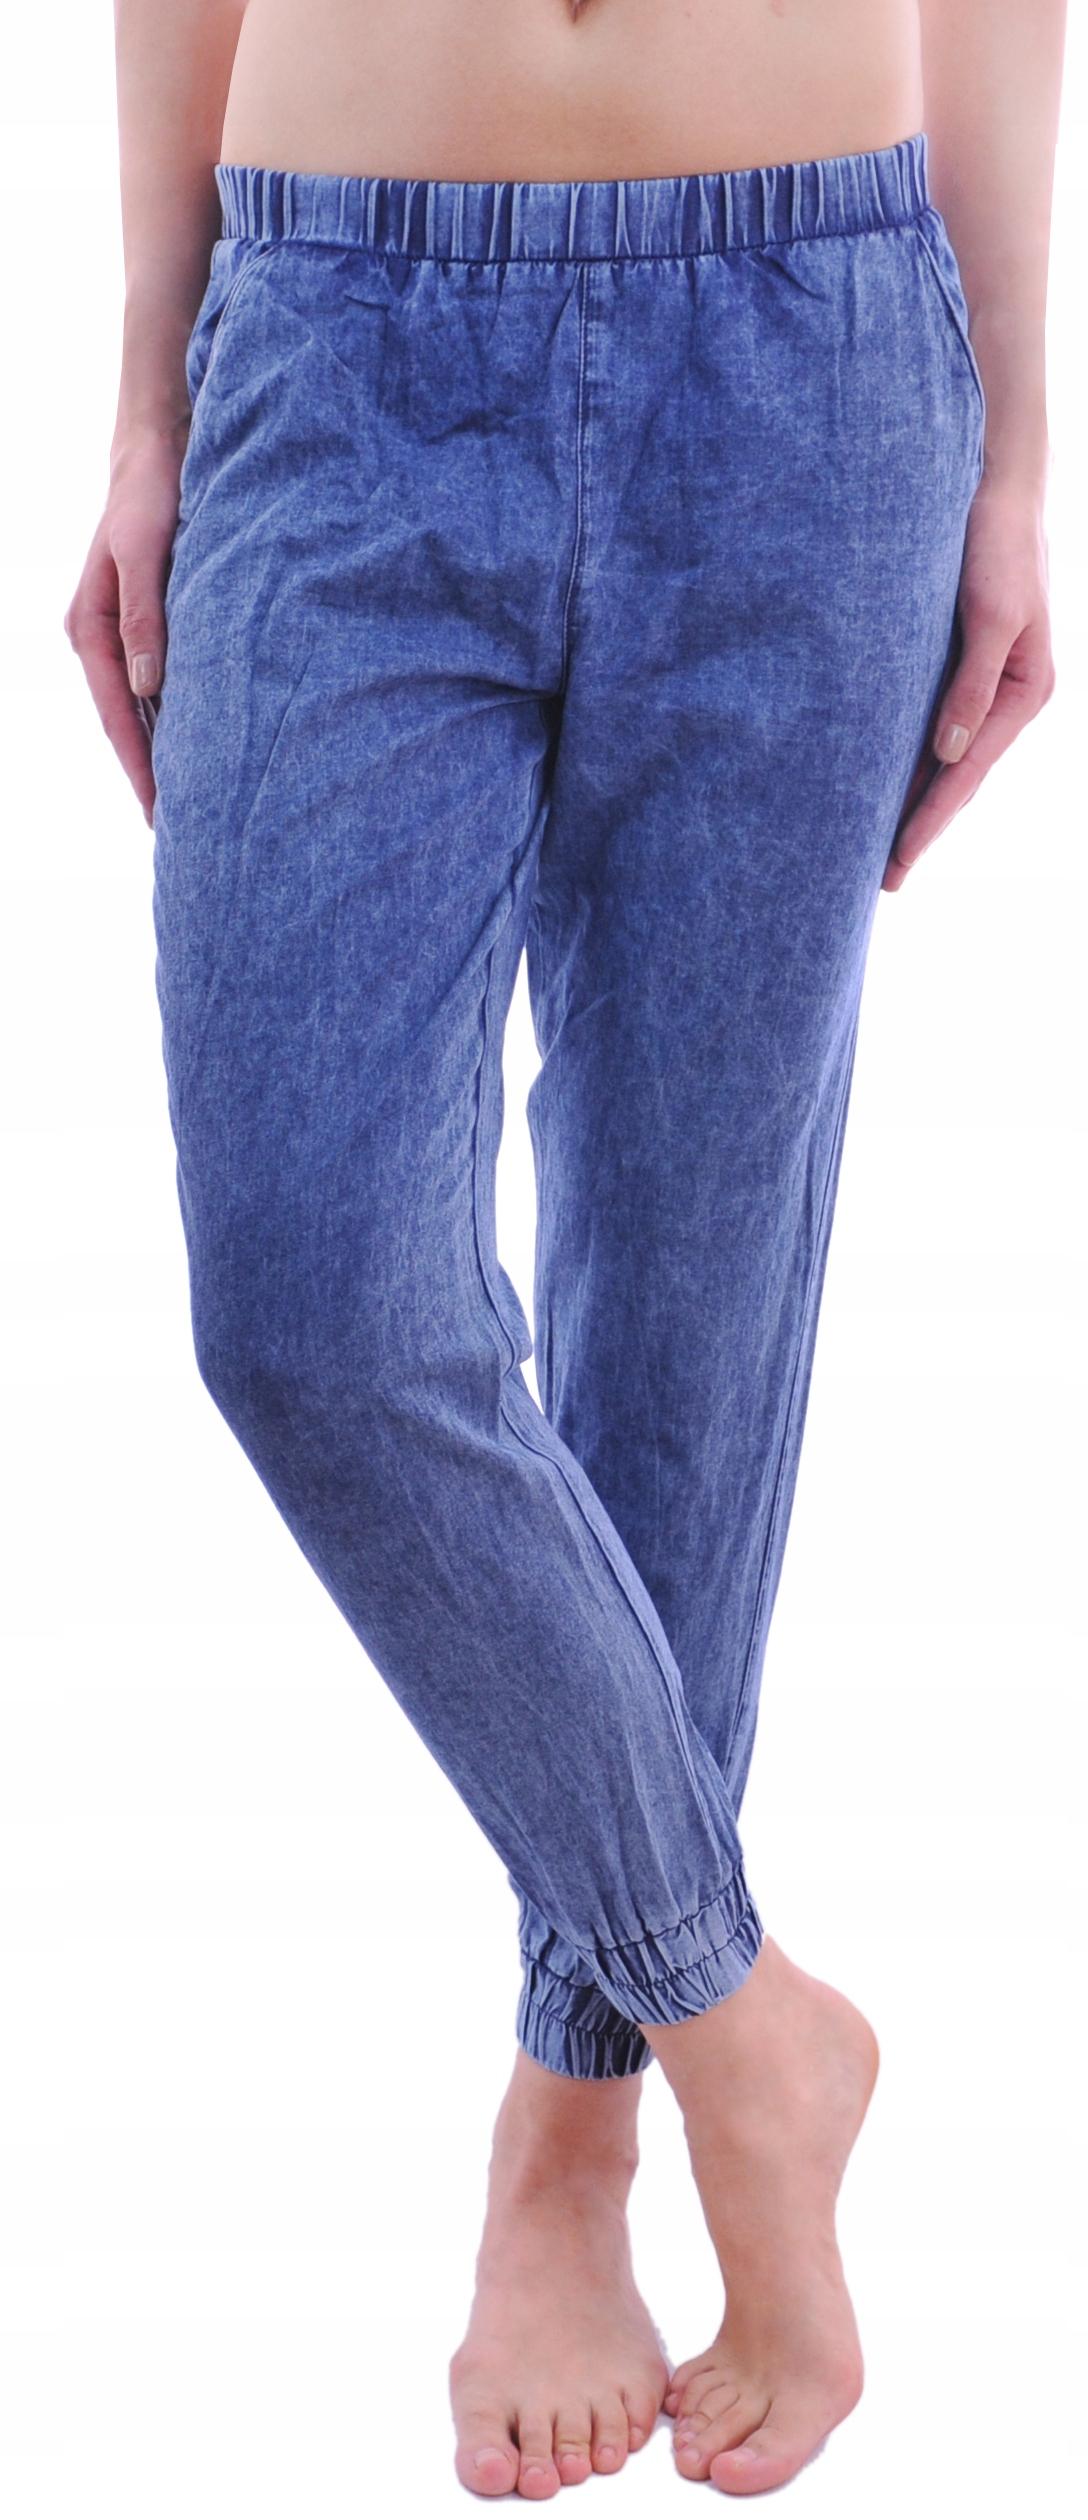 Calzedonia spodnie jeans marmurkowe ściągacze S